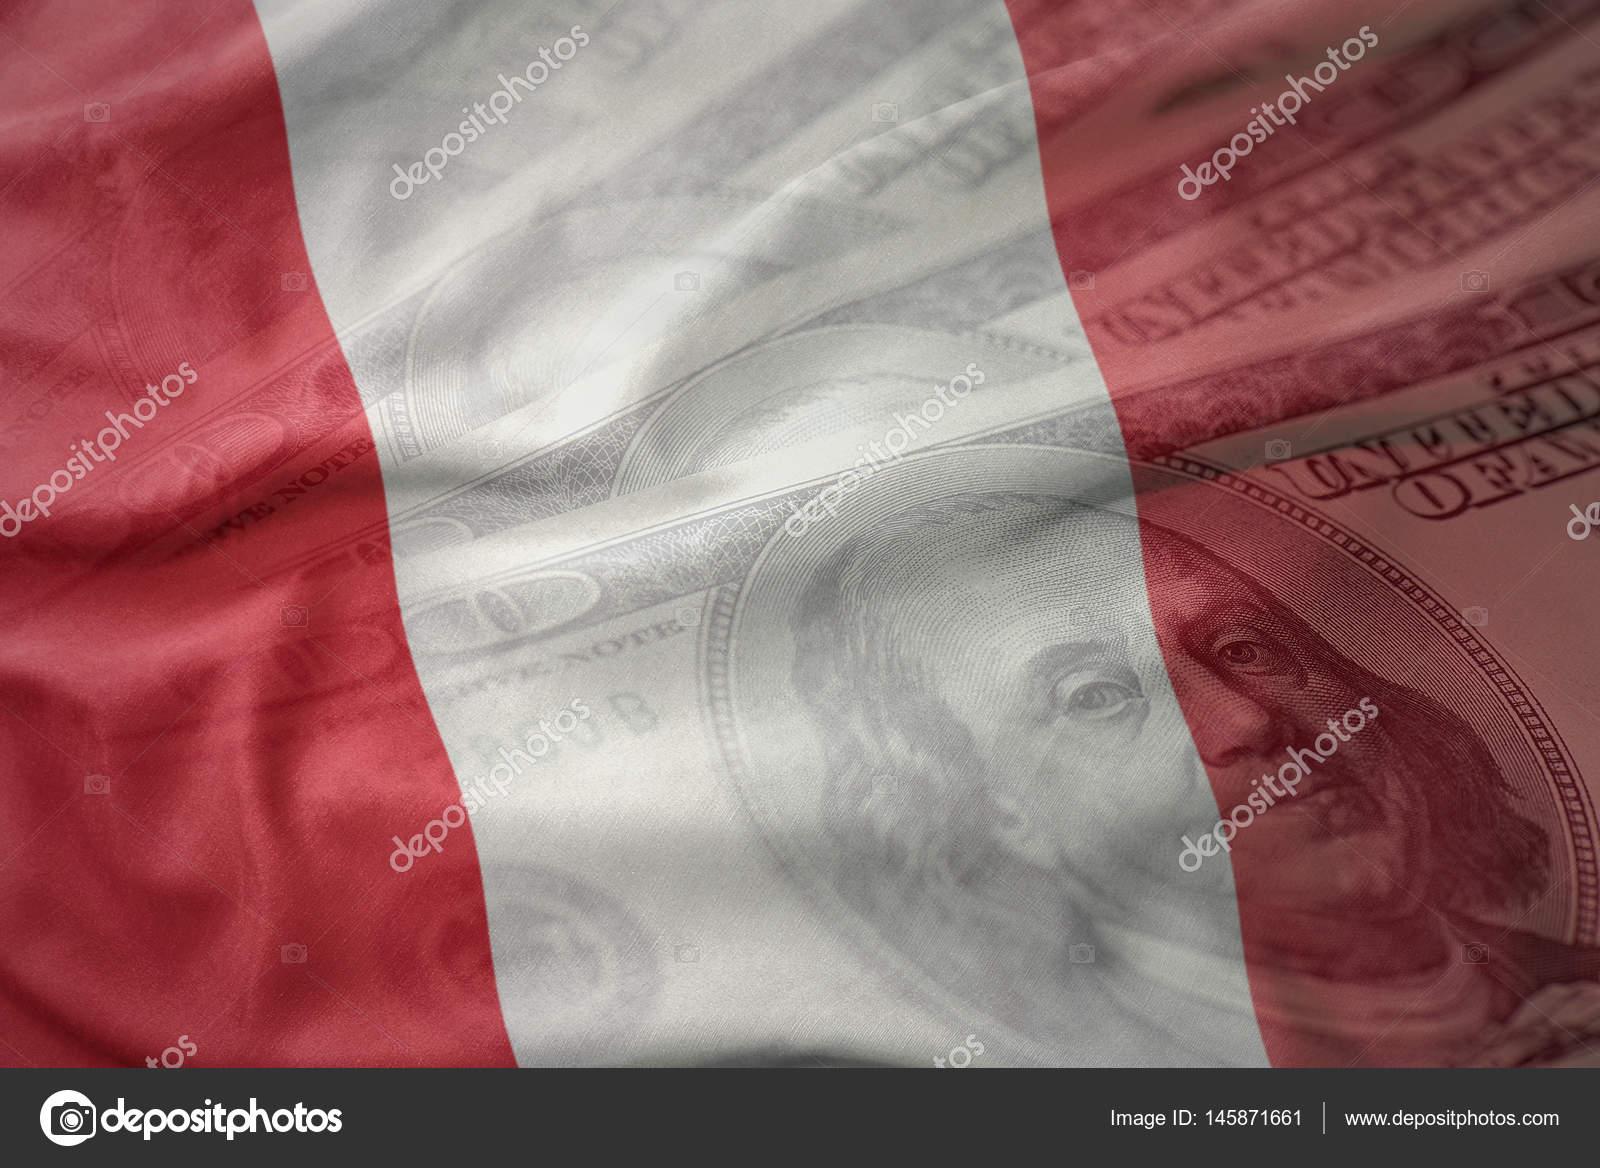 Bunt nationalflagge von peru auf amerikanische dollar geld bunt nationalflagge von peru auf amerikanische dollar geld hintergrund winken finanzen konzept foto von ruletkka thecheapjerseys Images